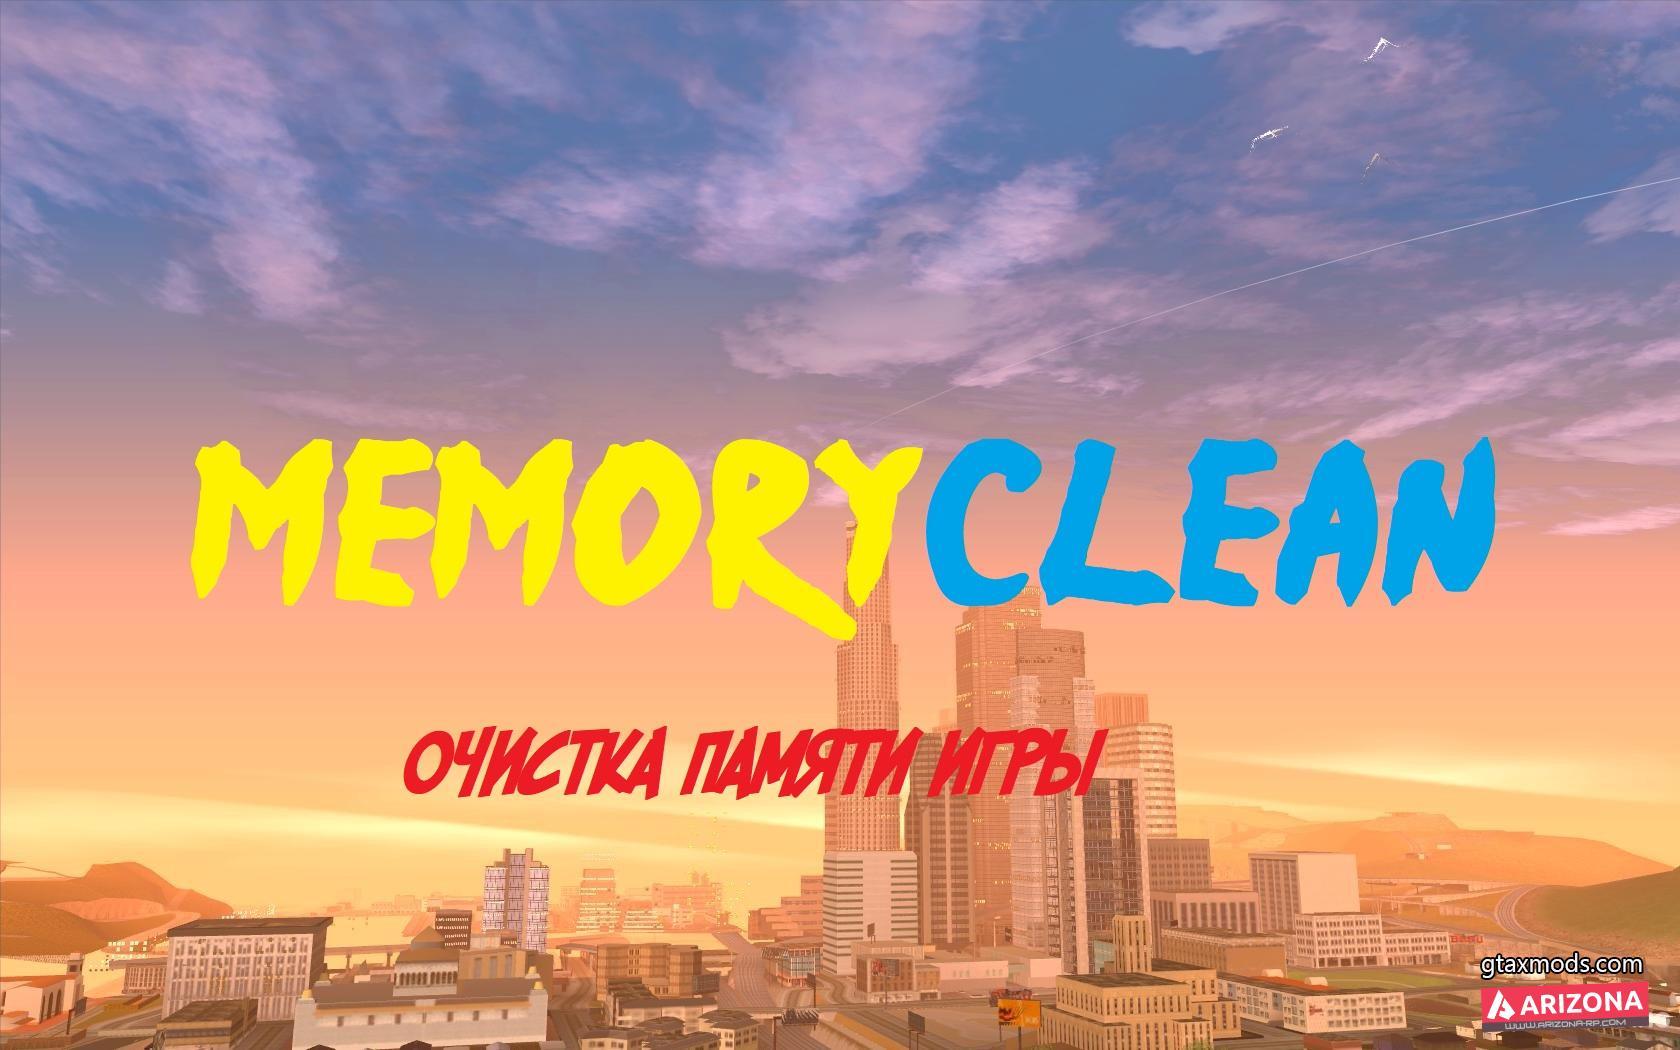 [ASI] MemoryClean